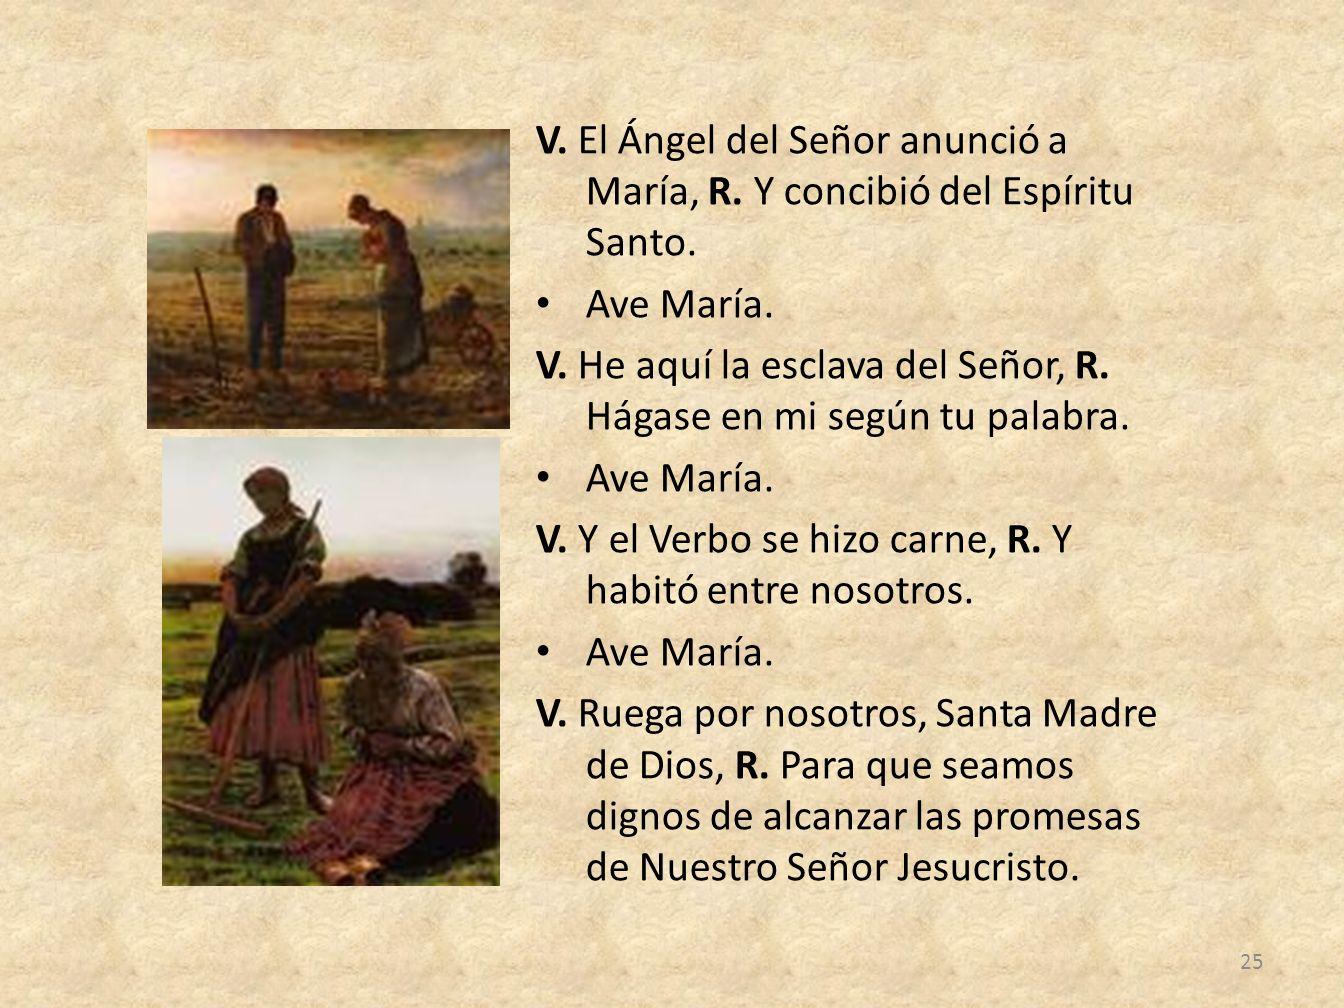 V. El Ángel del Señor anunció a María, R. Y concibió del Espíritu Santo. Ave María. V. He aquí la esclava del Señor, R. Hágase en mi según tu palabra.